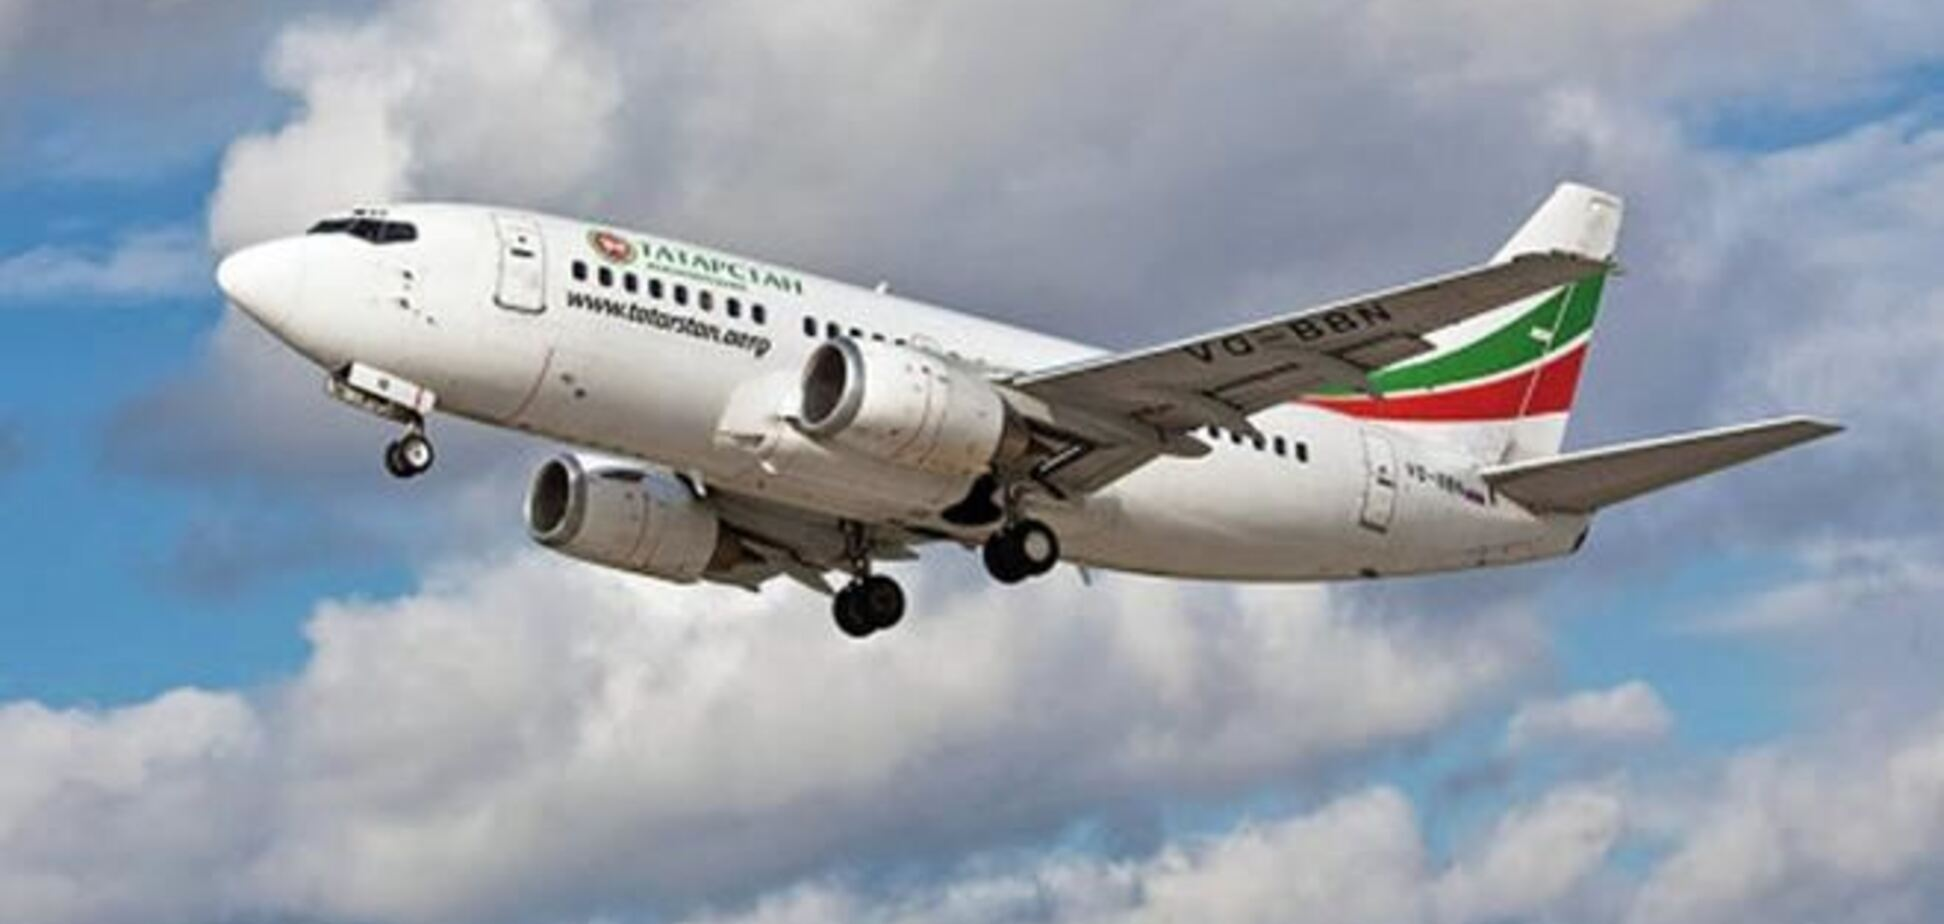 Американцы окажут помощь в расследовании авиакатастрофы в Казани